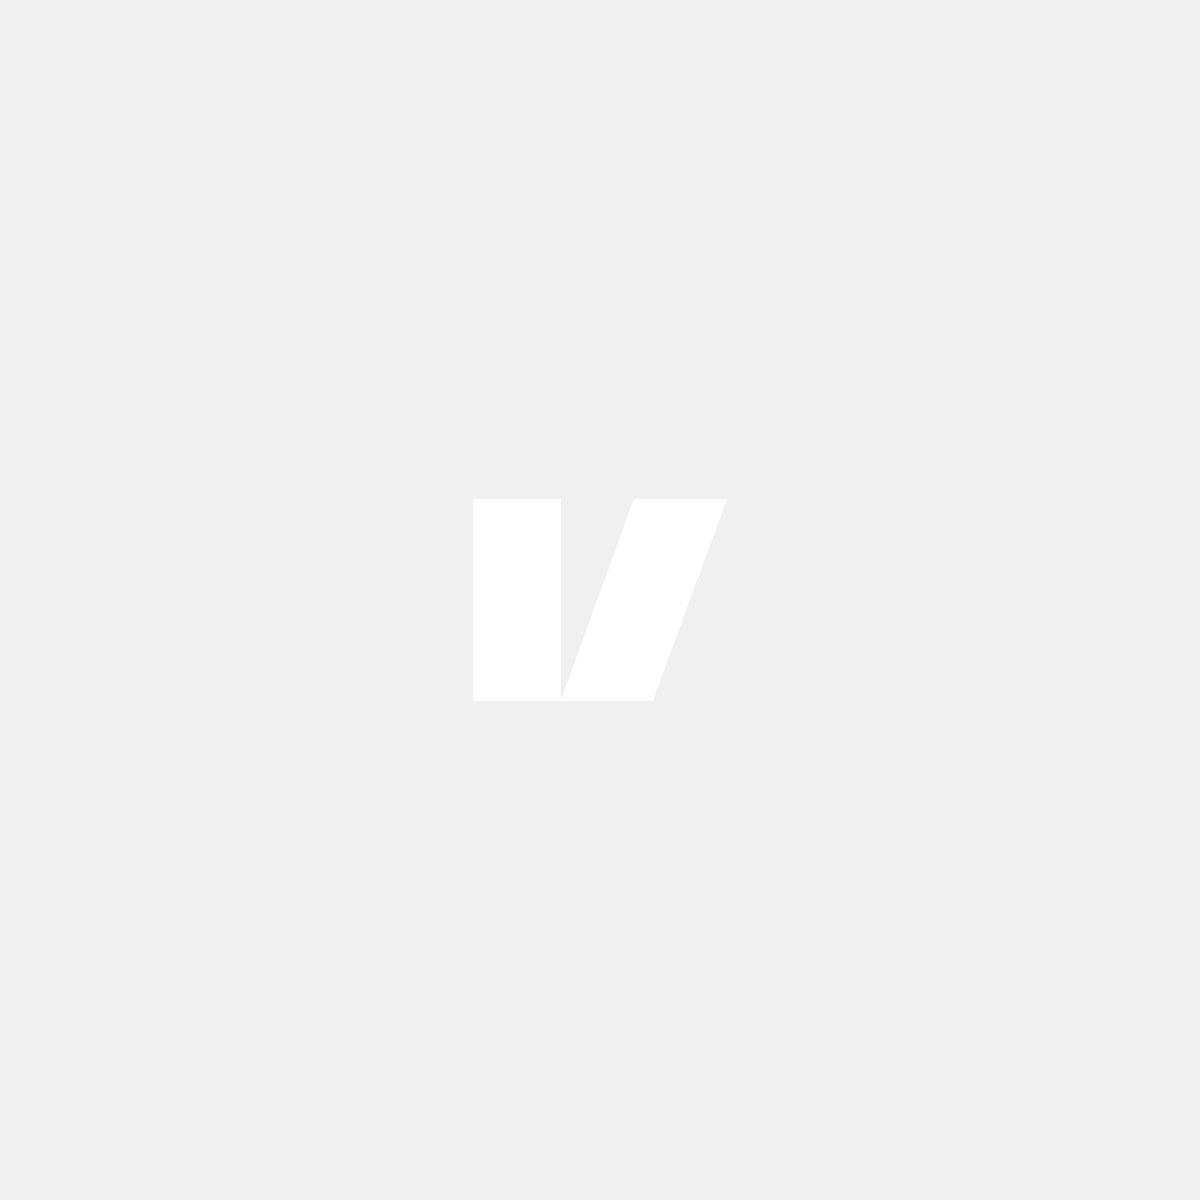 foliatec-bromsoksfarg-blanksvart